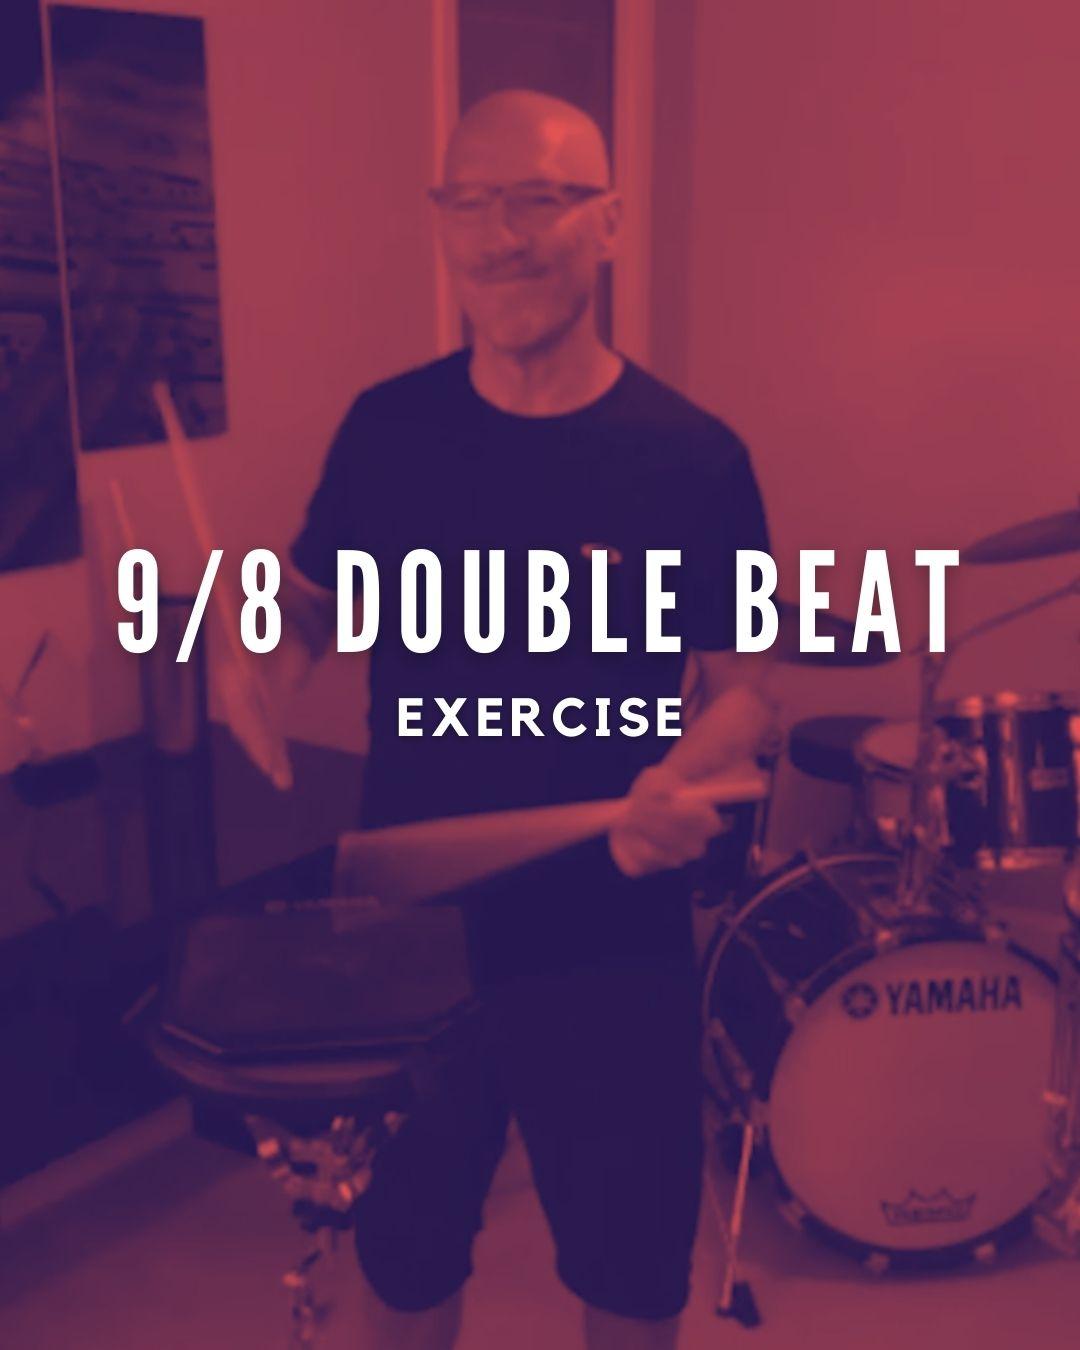 9/8 Double Beat